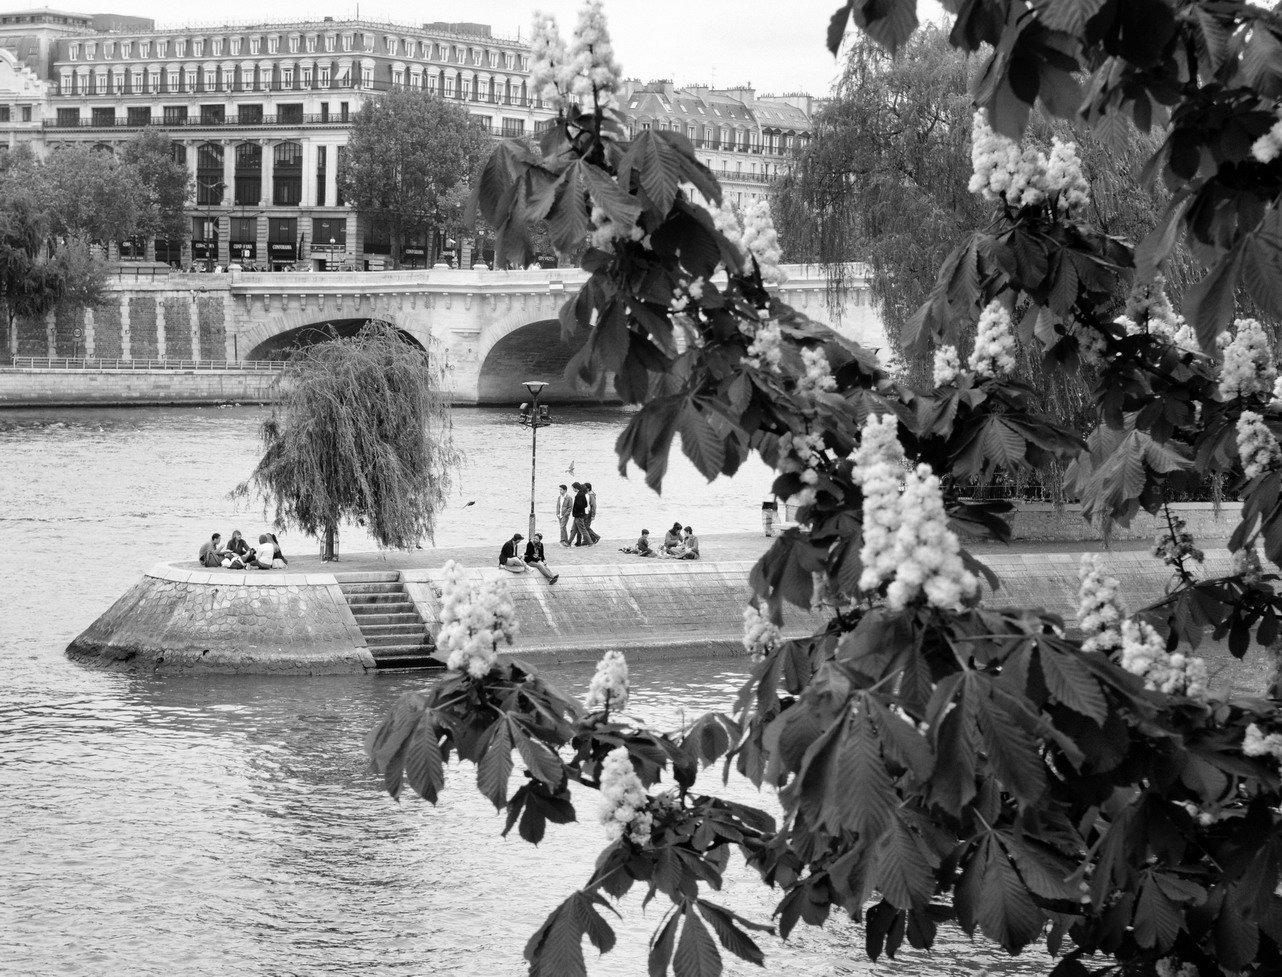 Yurko Dyachyshyn_(Paris)_11.JPG